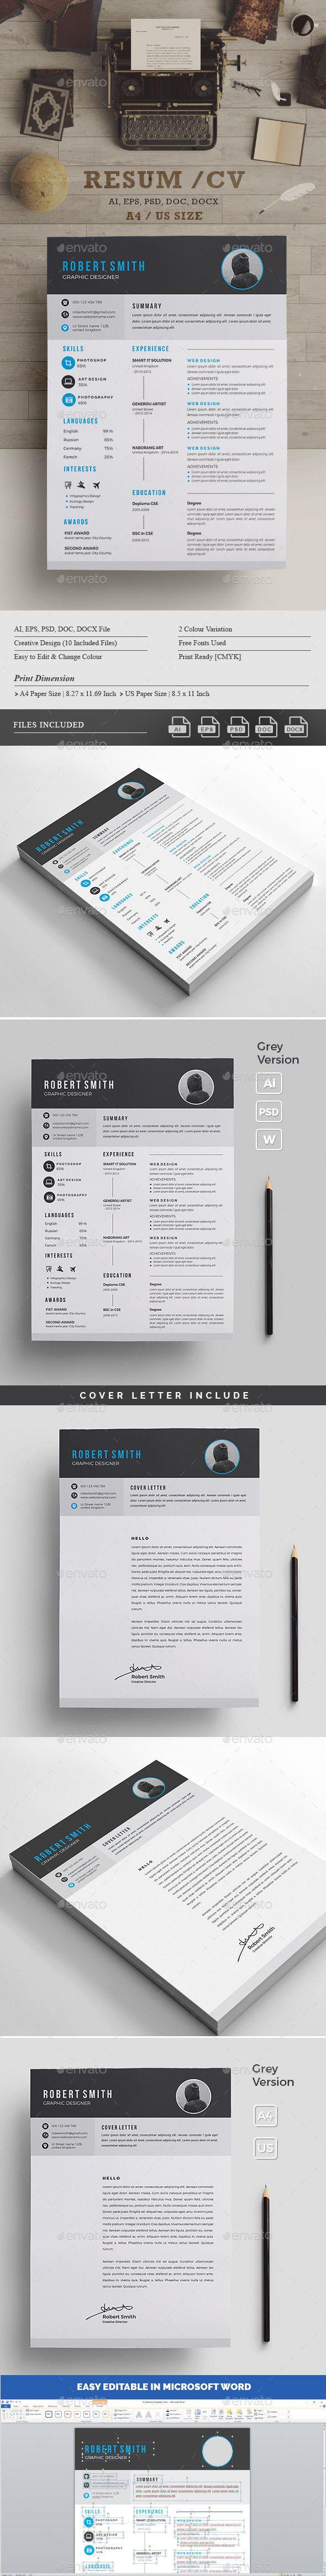 25 trending resume design template ideas on pinterest